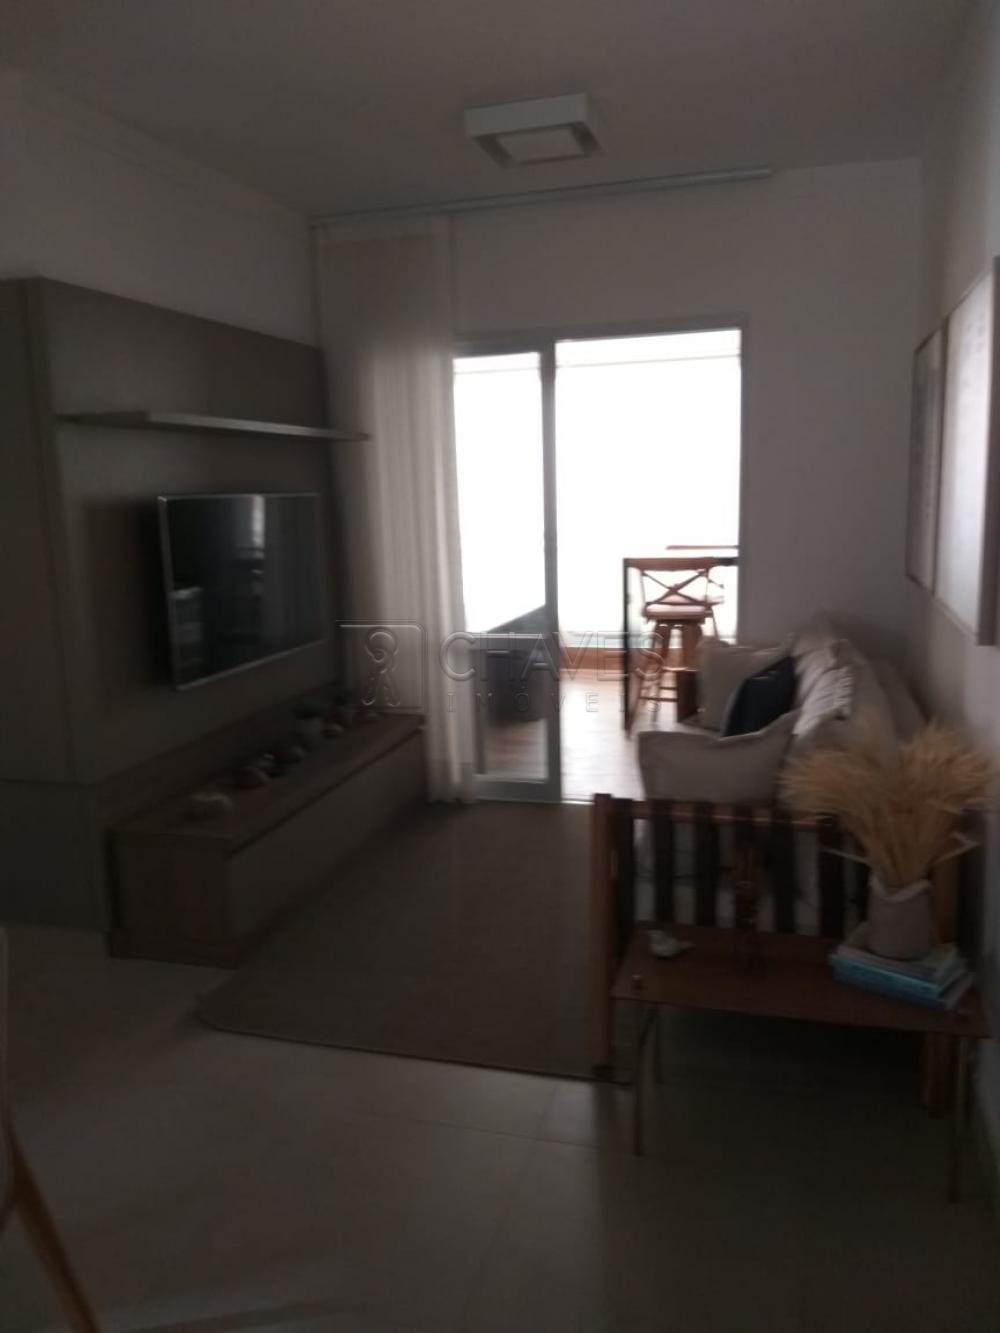 Comprar Apartamento / Padrão em Ribeirão Preto apenas R$ 586.450,00 - Foto 15